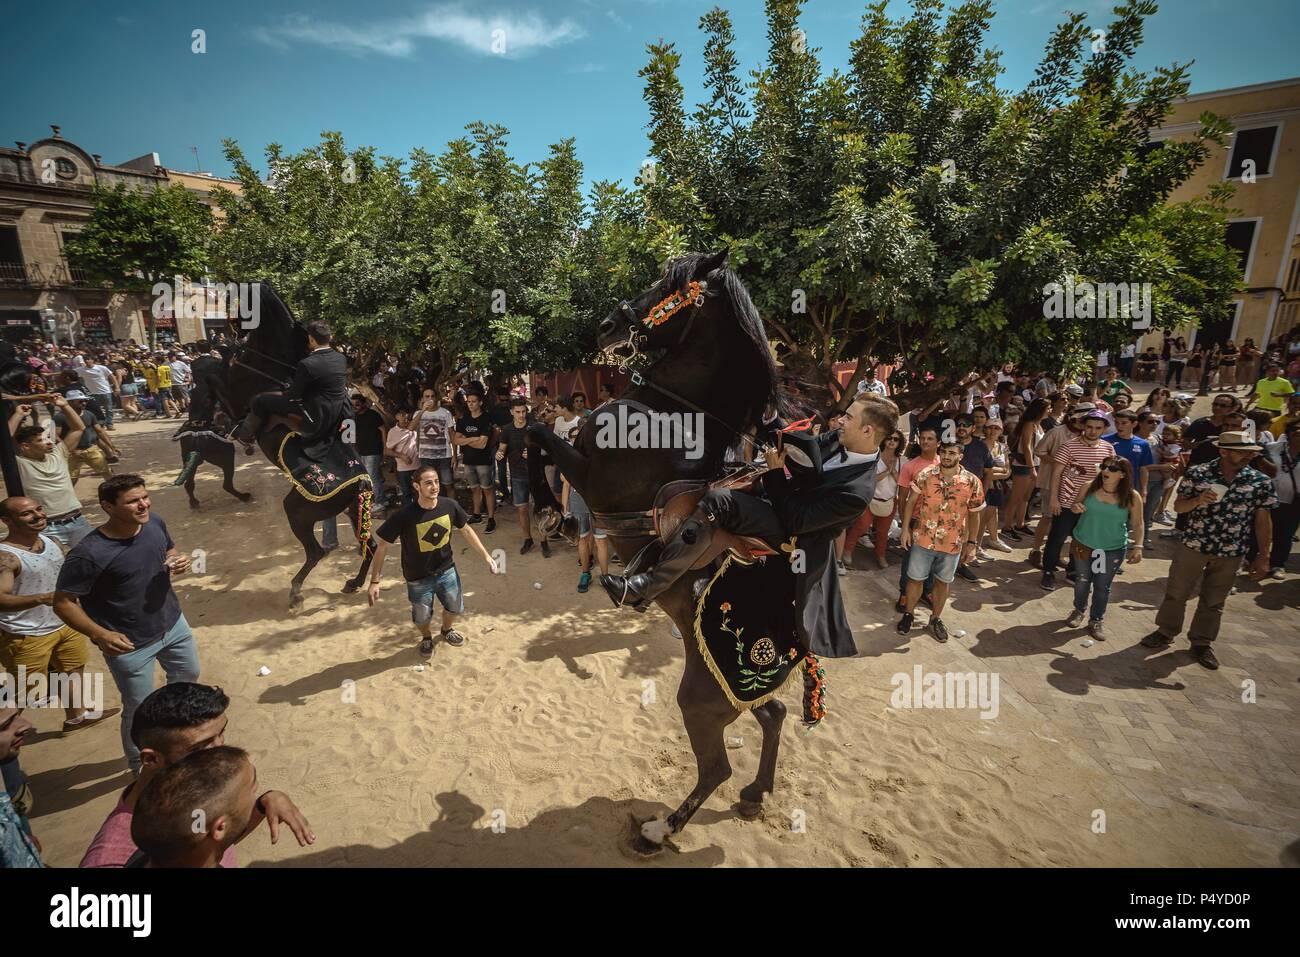 """Ein """"caixer' (Reiterin) bäumt sich auf seinem Pferd von einer jubelnden Menge vor der 'Caragol des Geboren"""" Parade am Vorabend des traditionellen ant Joan"""" (Saint John) Festival in Ciutadella de Menorca Credit: Matthias Oesterle/Alamy Leben Nachrichten umgeben Stockfoto"""